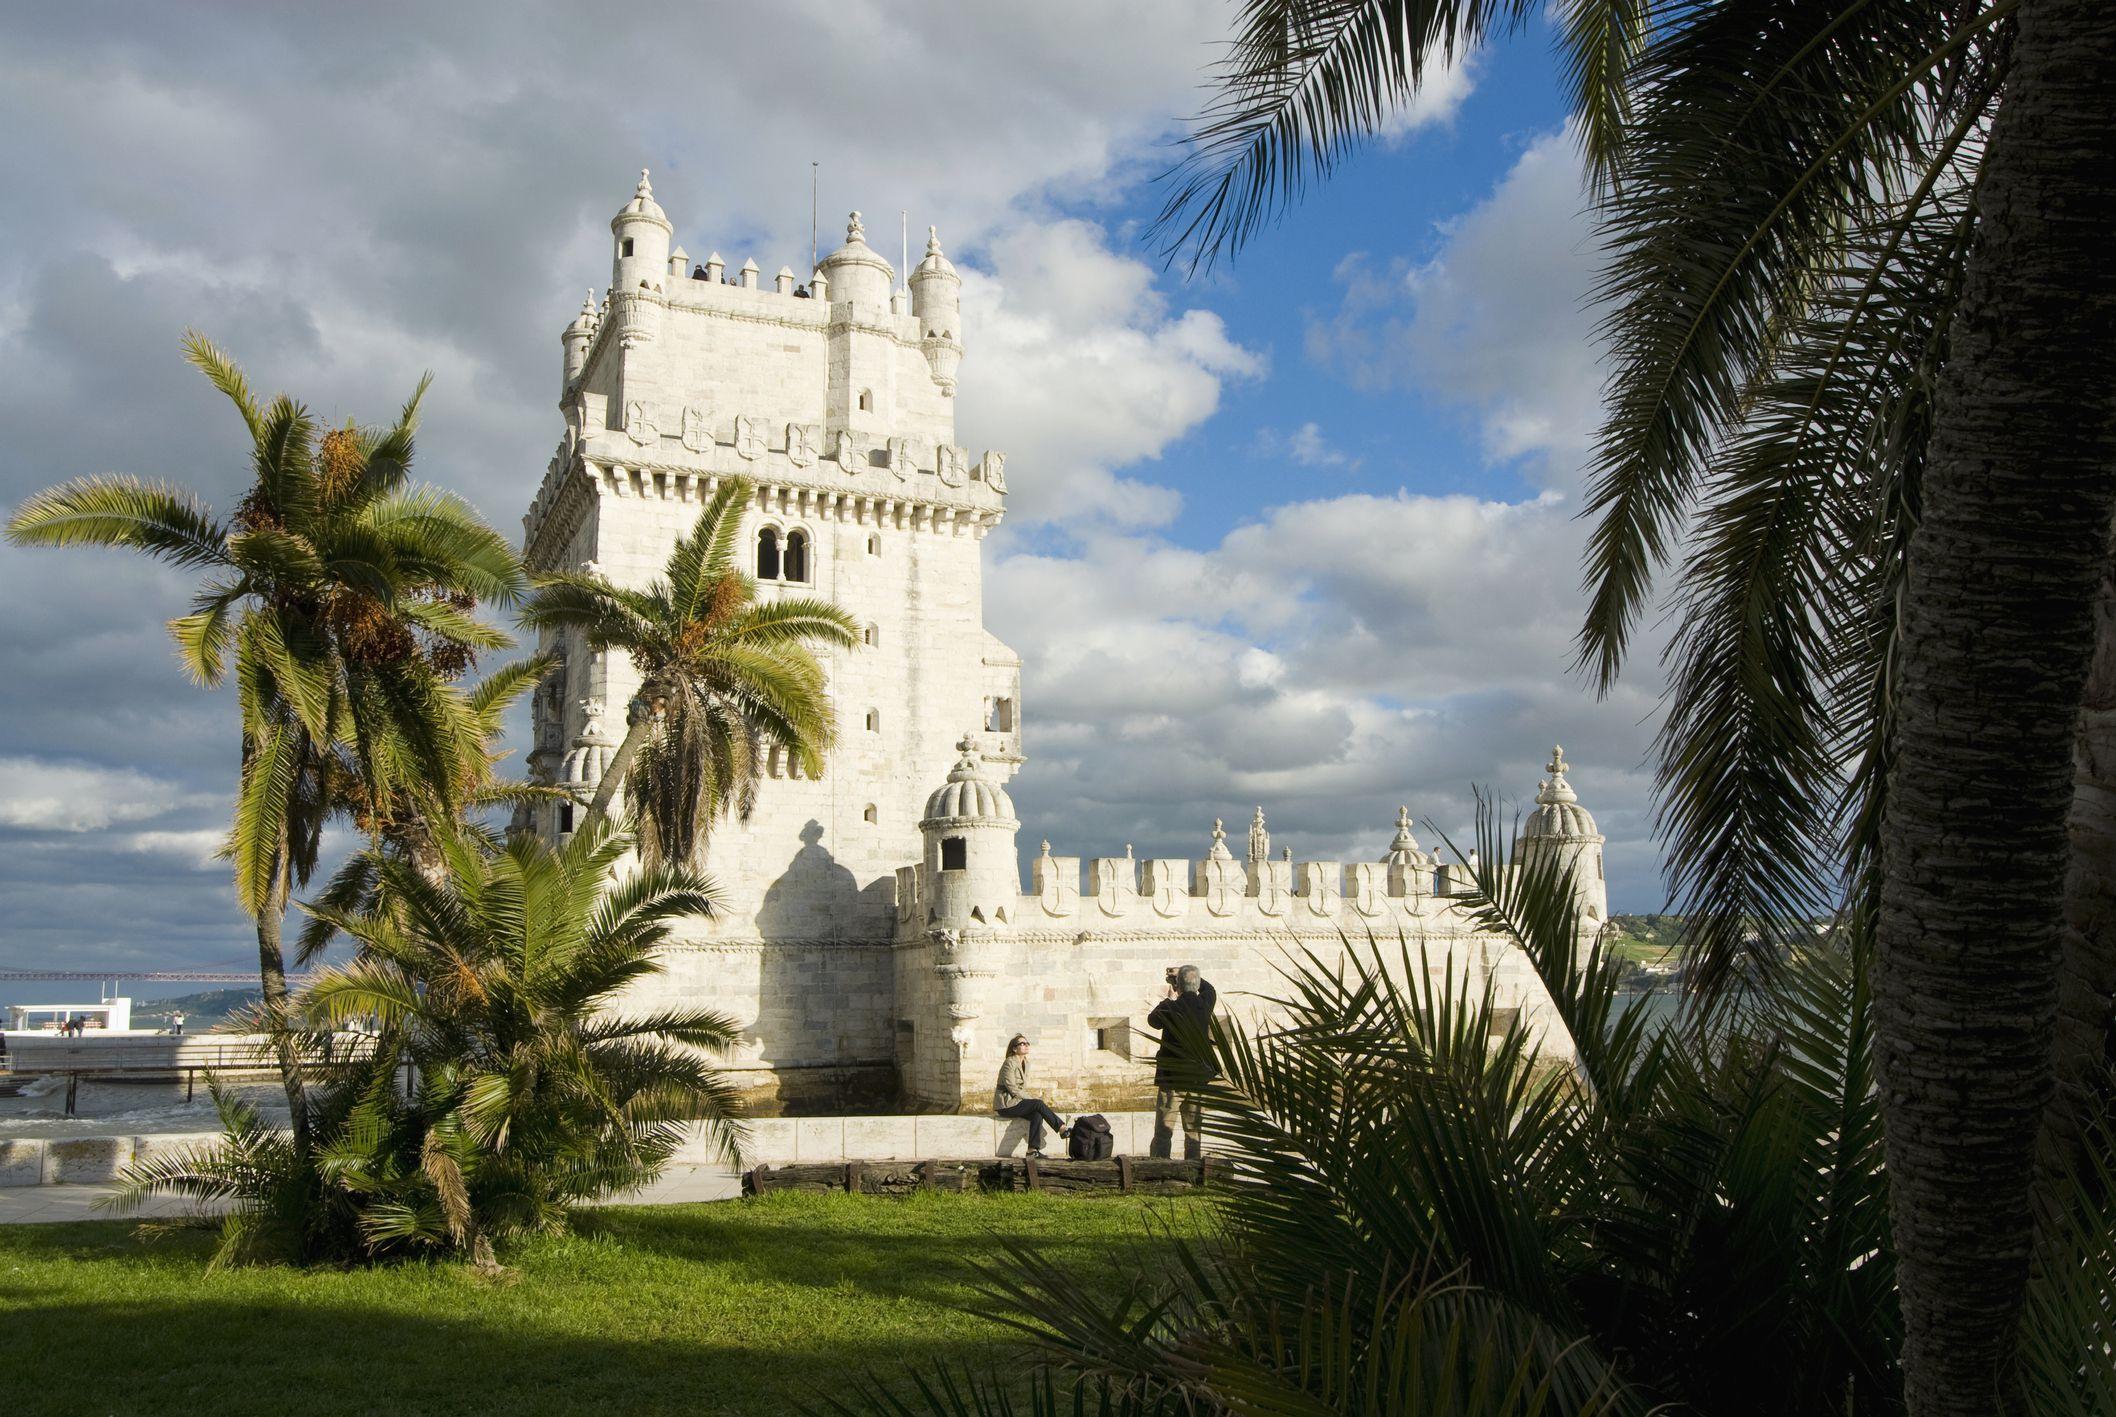 Lisbon's Belém Tower: The Complete Guide